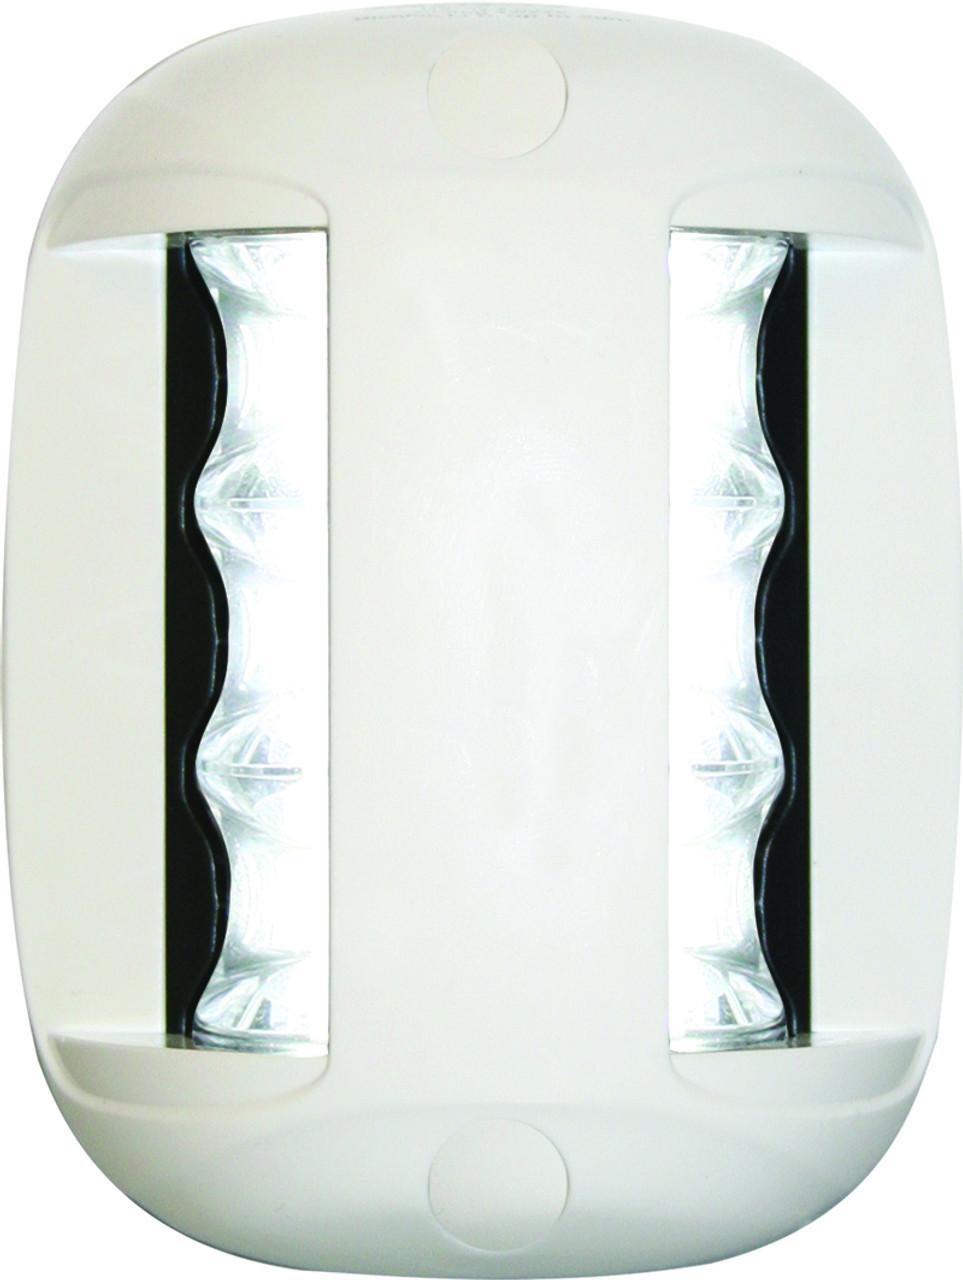 'FOS 20' LED Masthead Light - White Vertical Mount